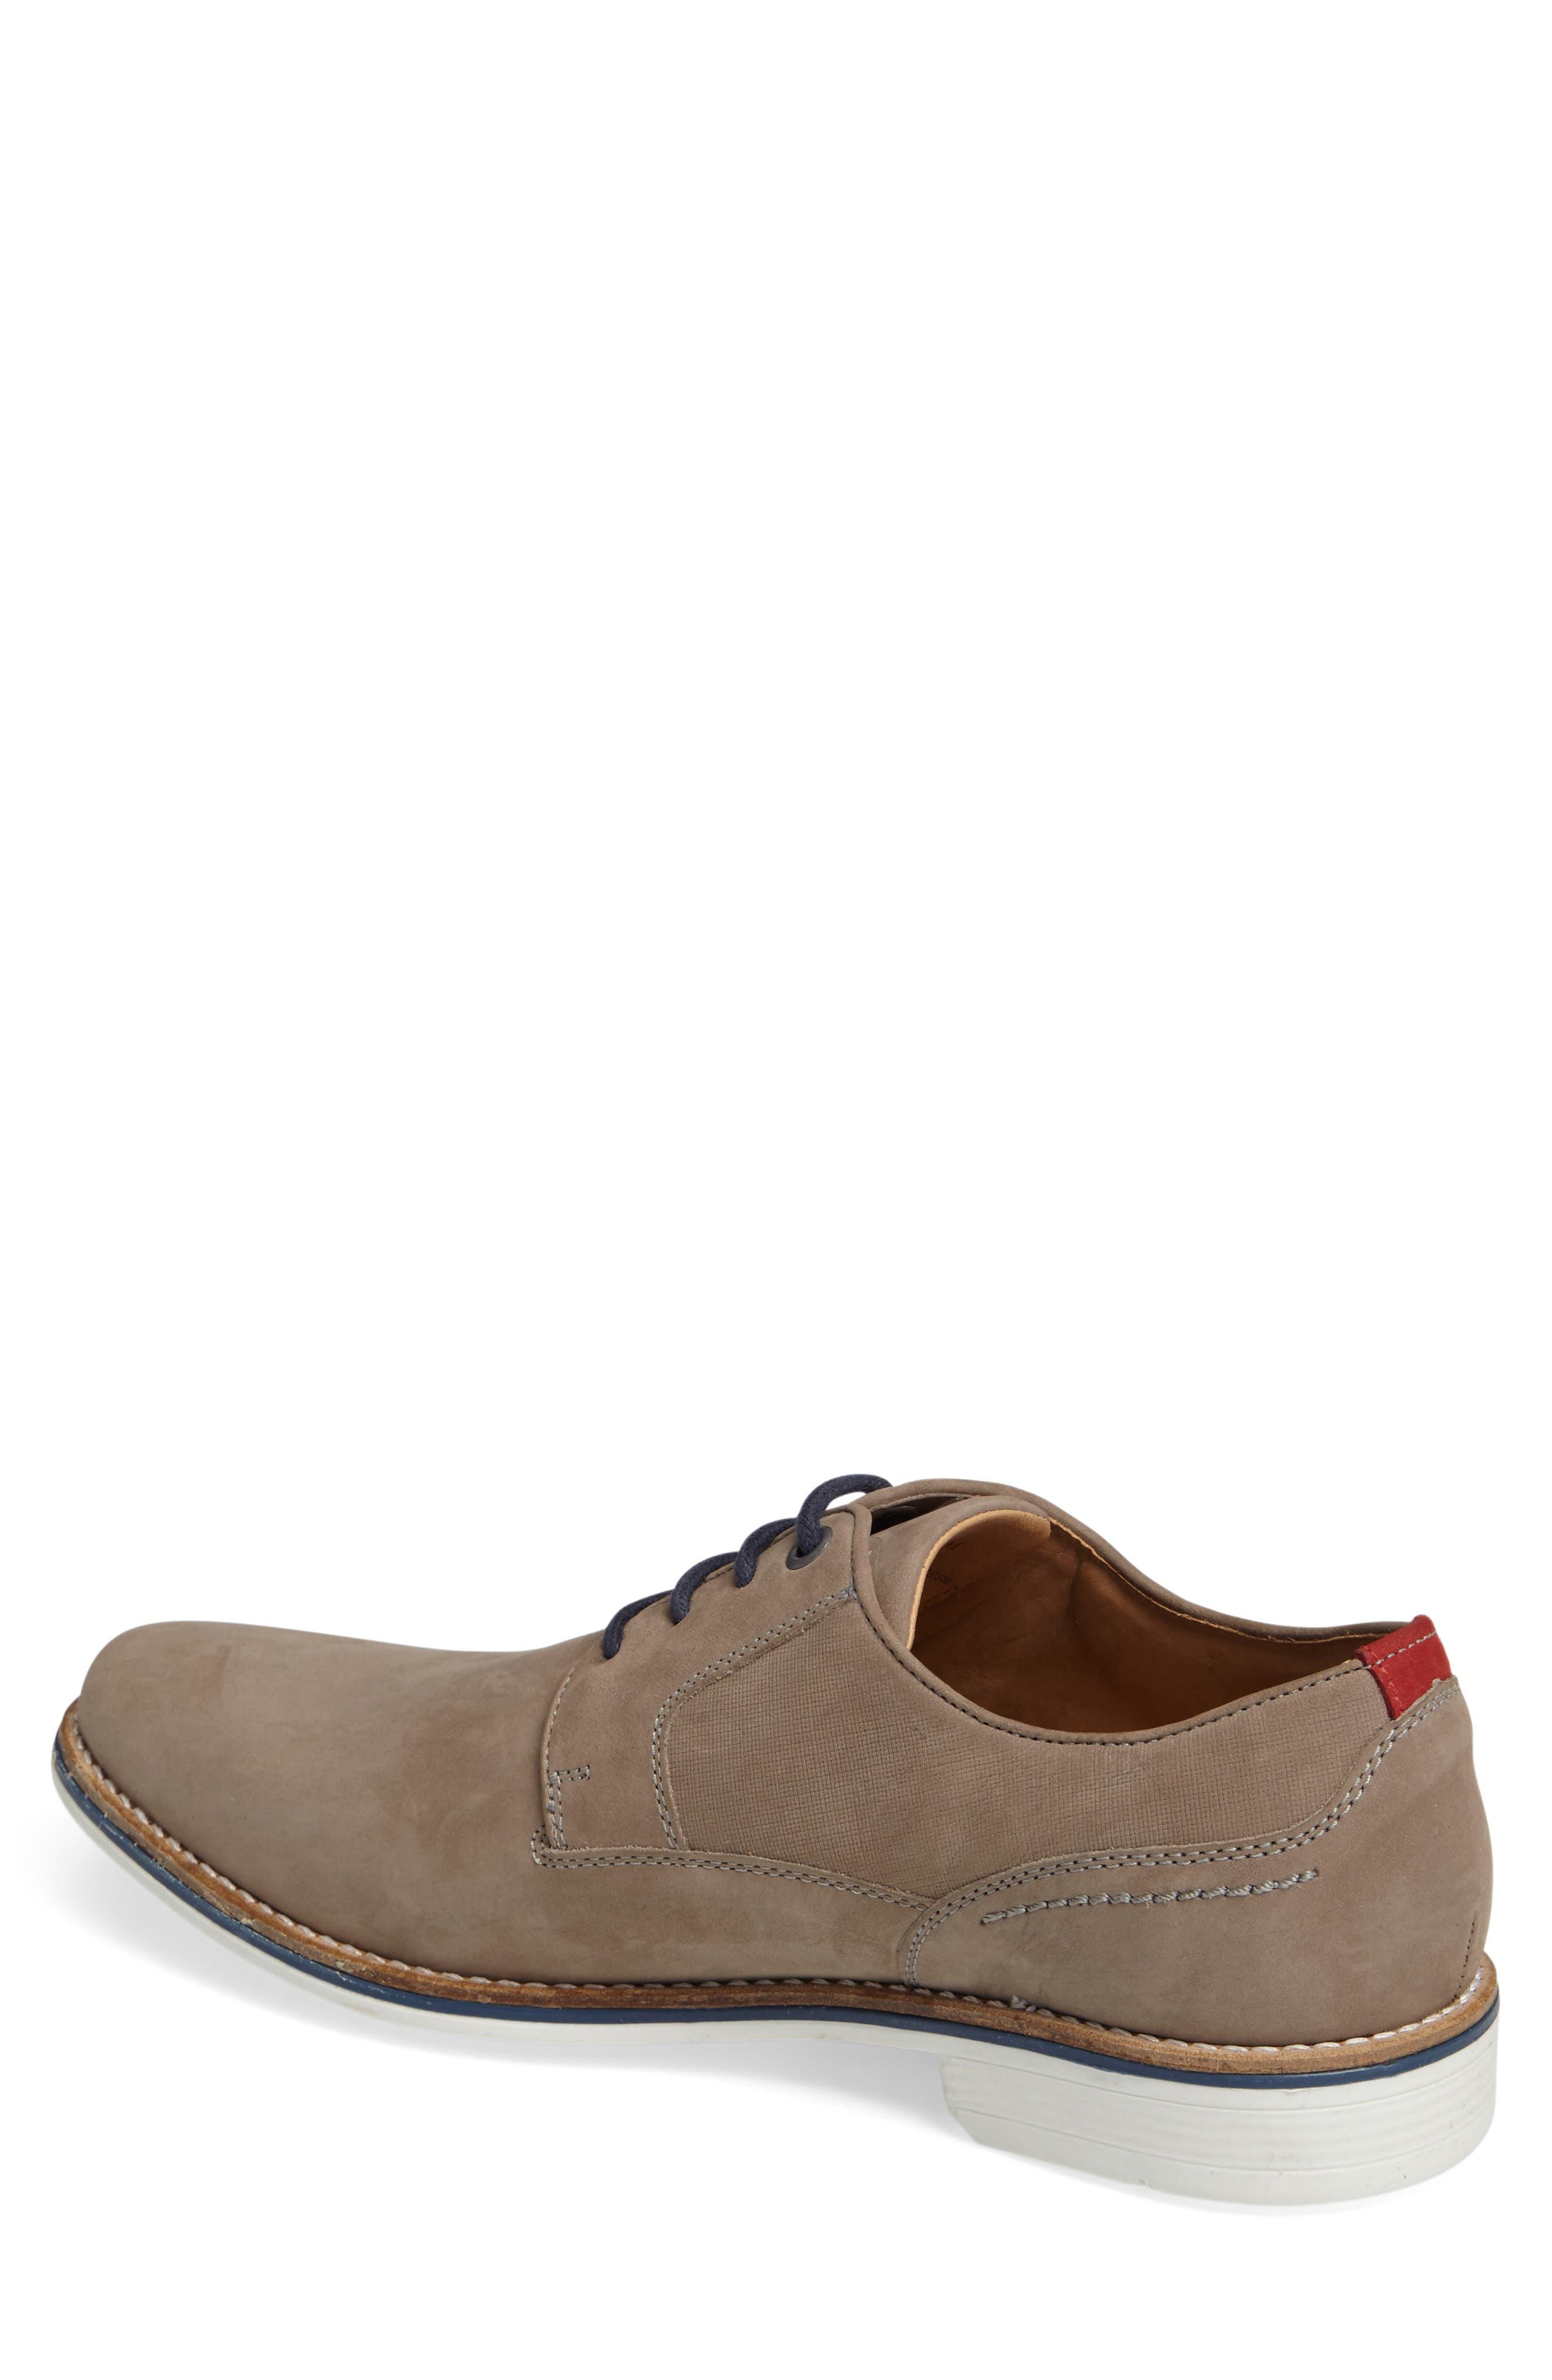 Archer Buck Shoe,                             Alternate thumbnail 2, color,                             020